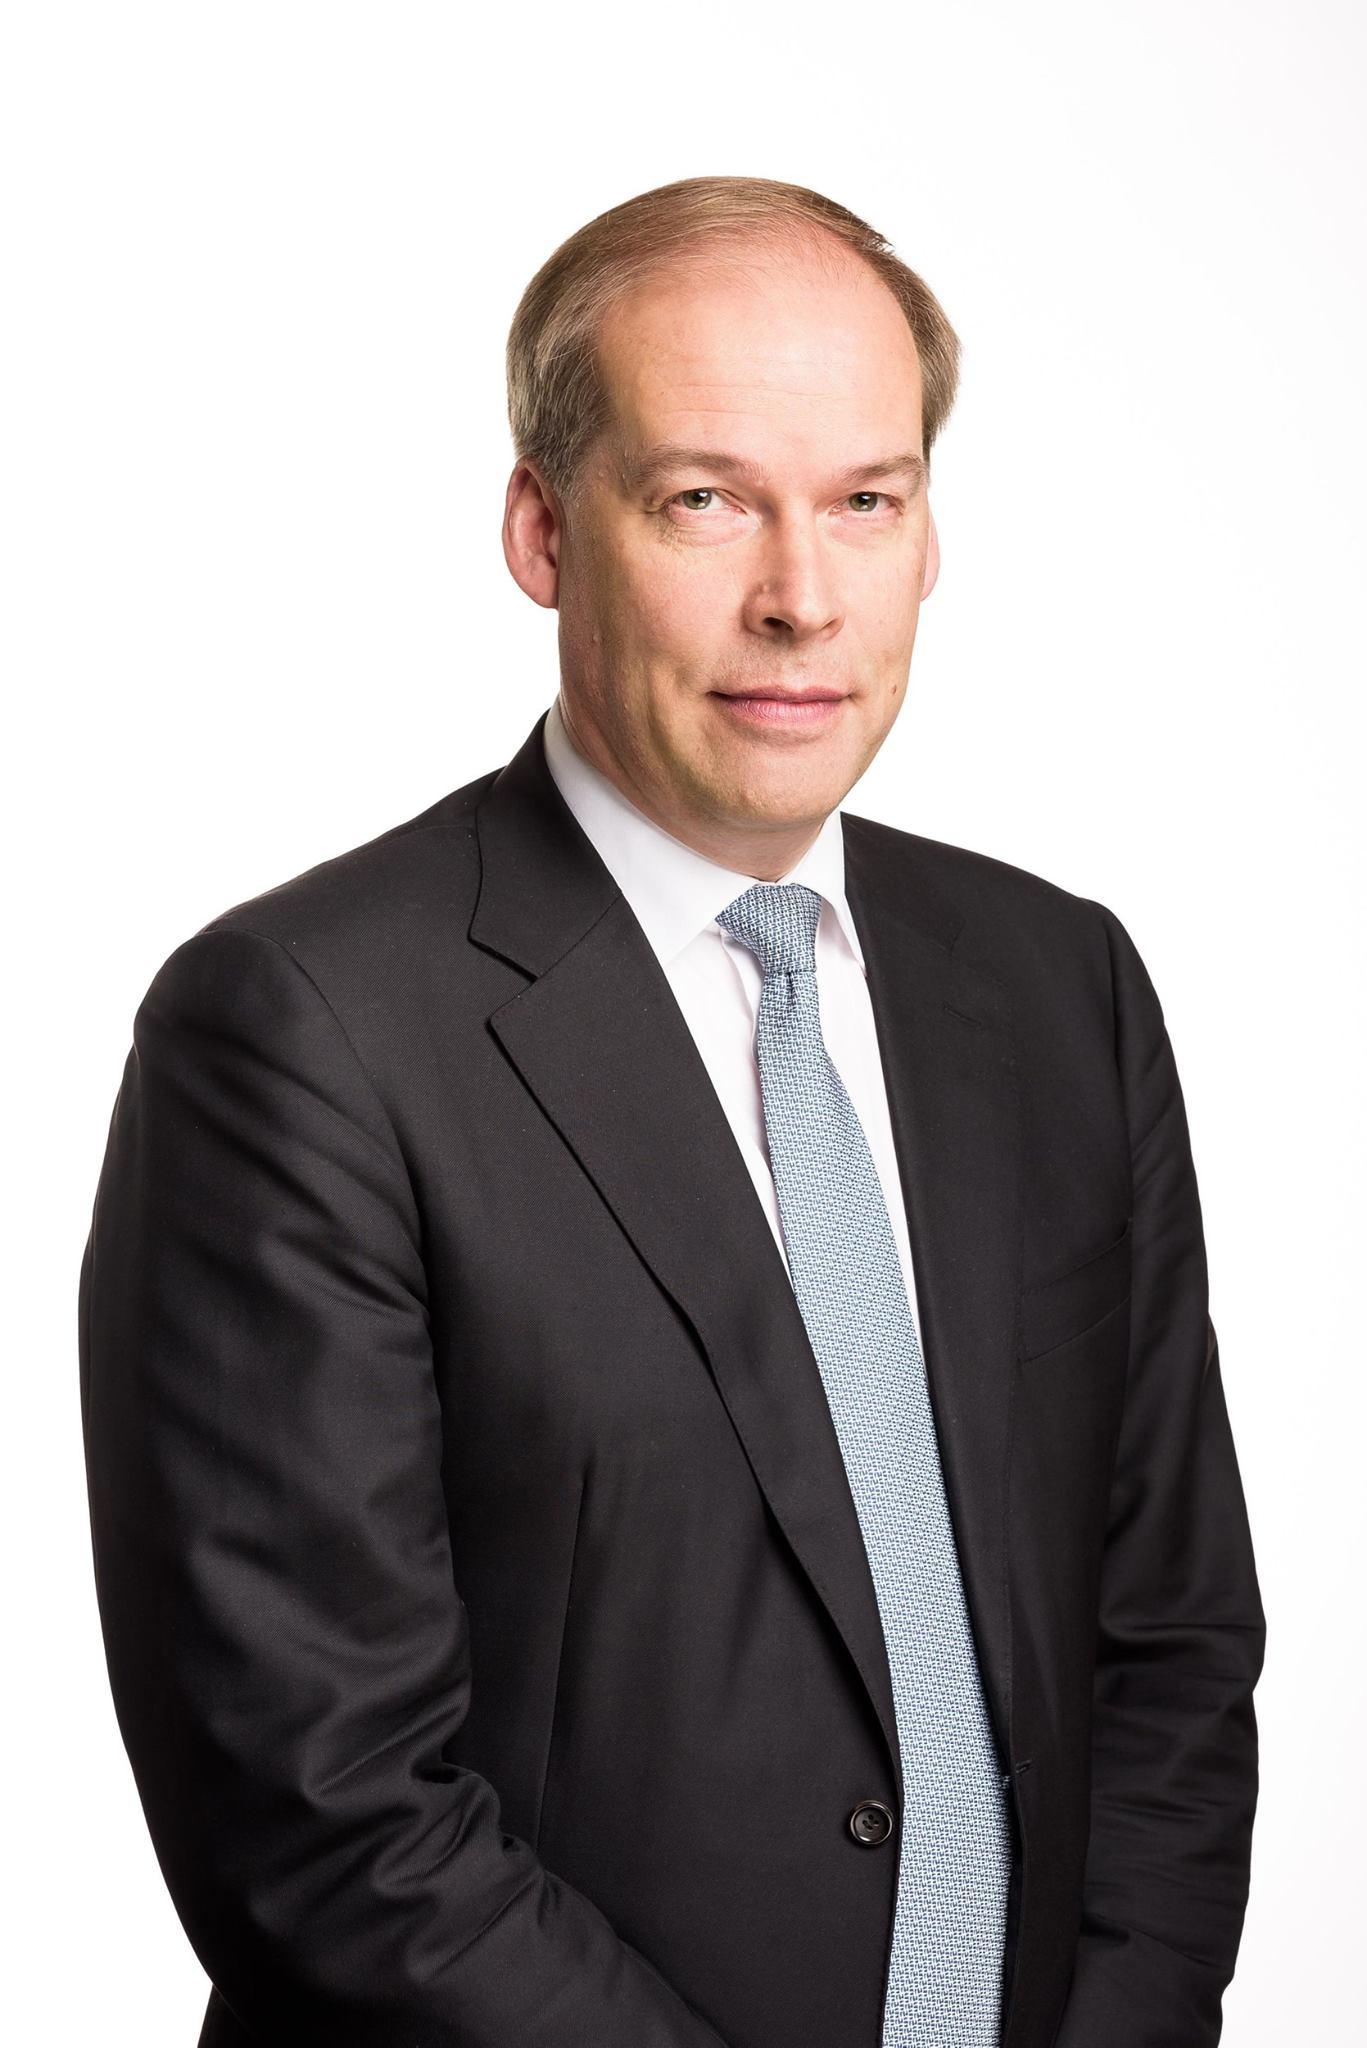 芬兰驻华大使:携手共进期待中芬关系更上一层楼